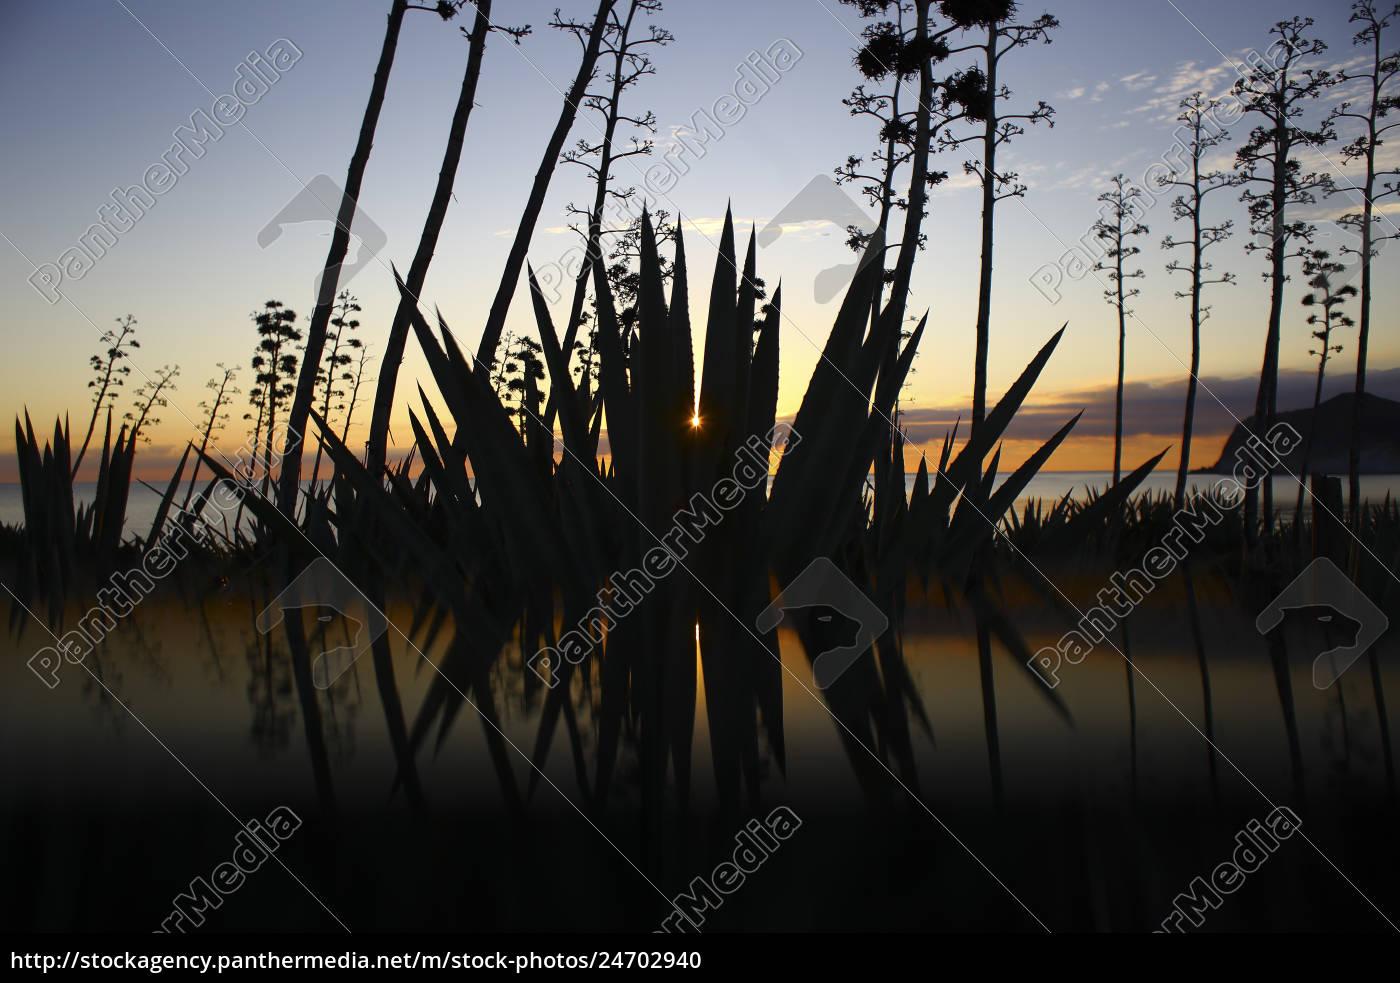 silhouetten, von, pflanzen, und, bäumen, der - 24702940